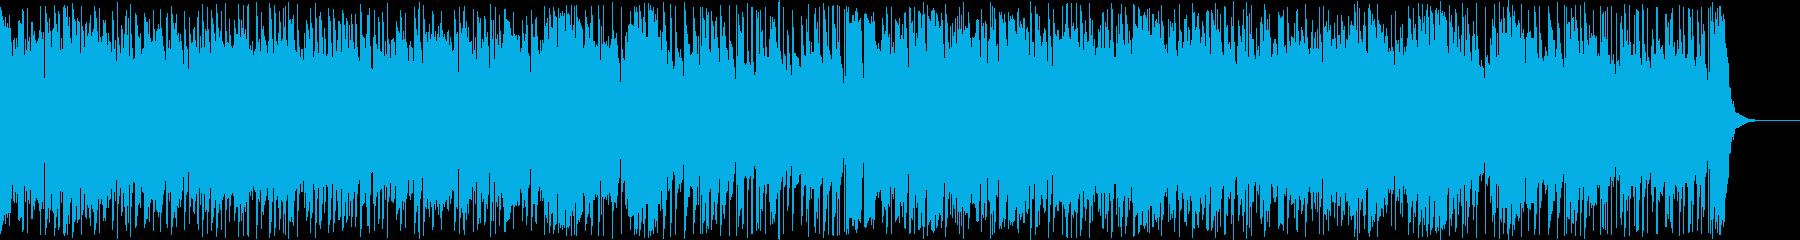 元気で疾走感のあるピアノポップスの再生済みの波形